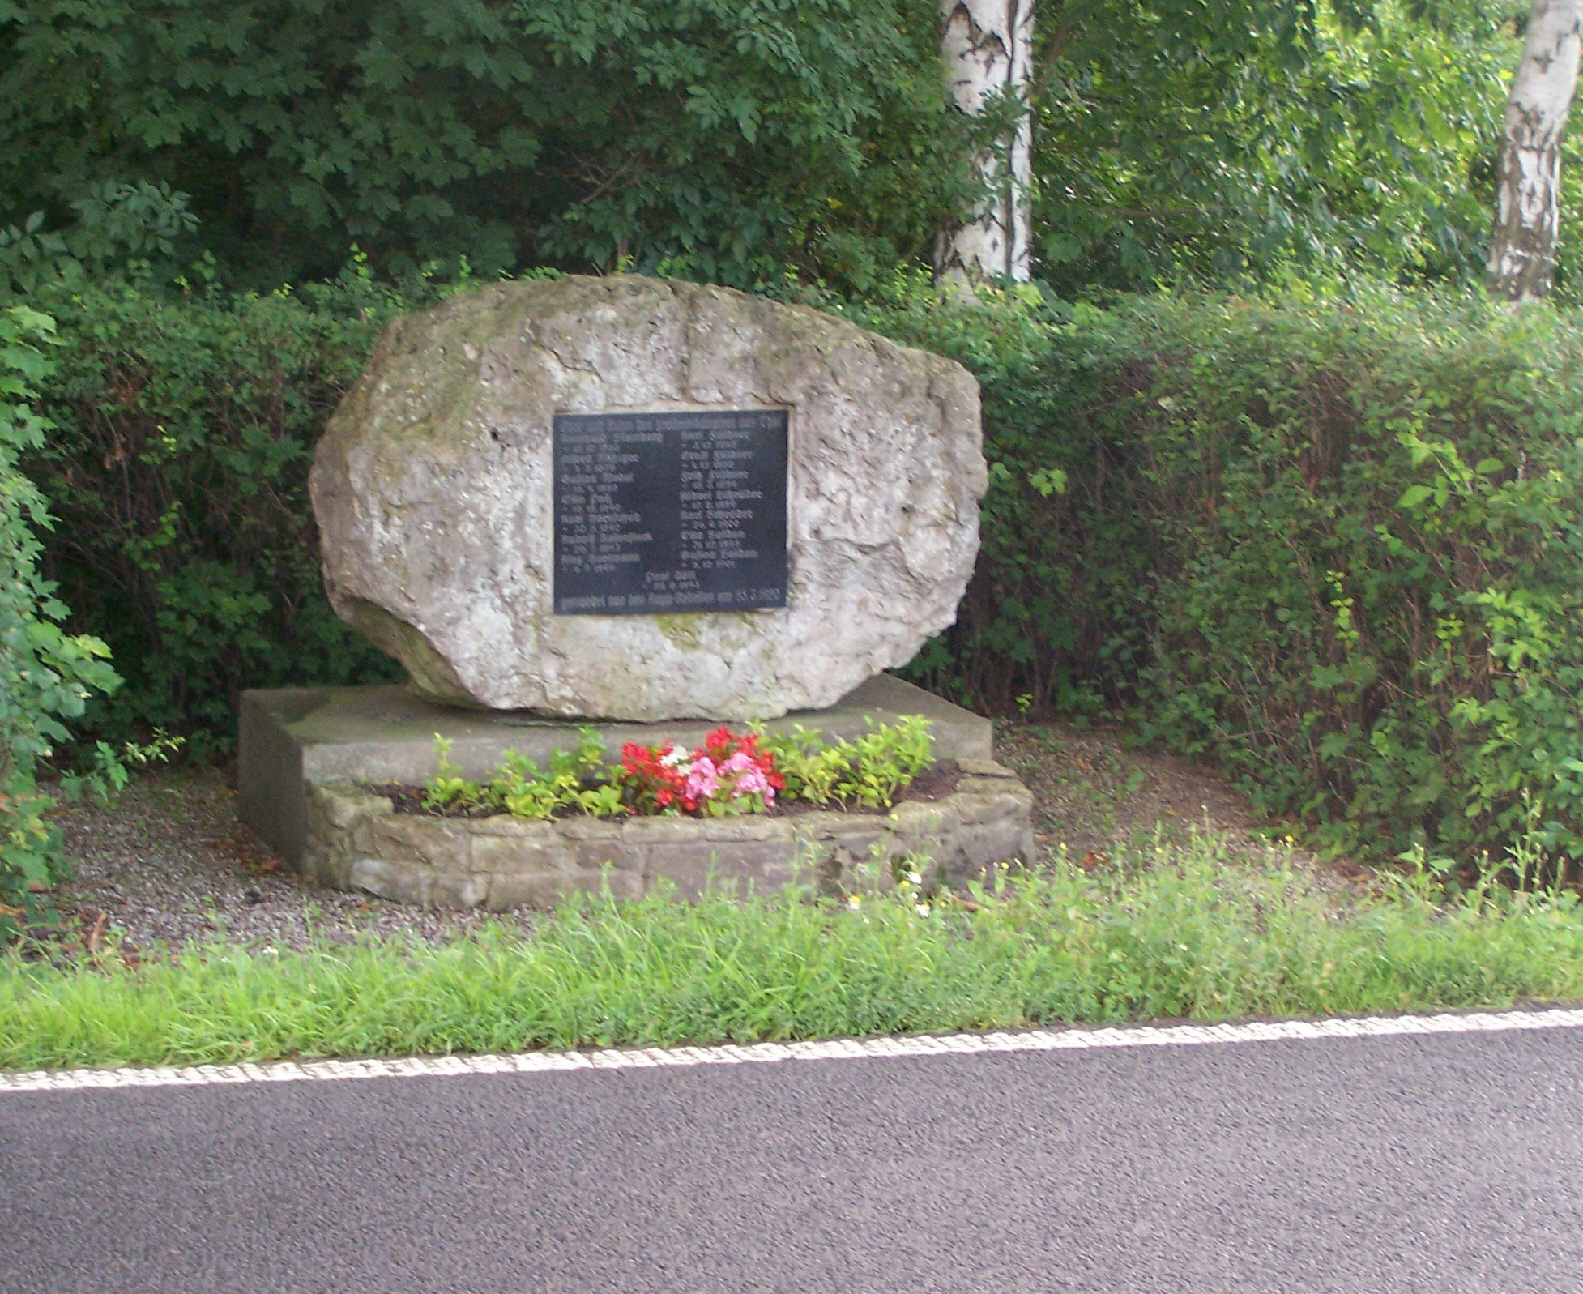 Das Denkmal an der B7 bei Mechterstädt (Von Metilsteiner - Eigenes Werk, CC BY 3.0, https://commons.wikimedia.org/w/index.php?curid=9787652)